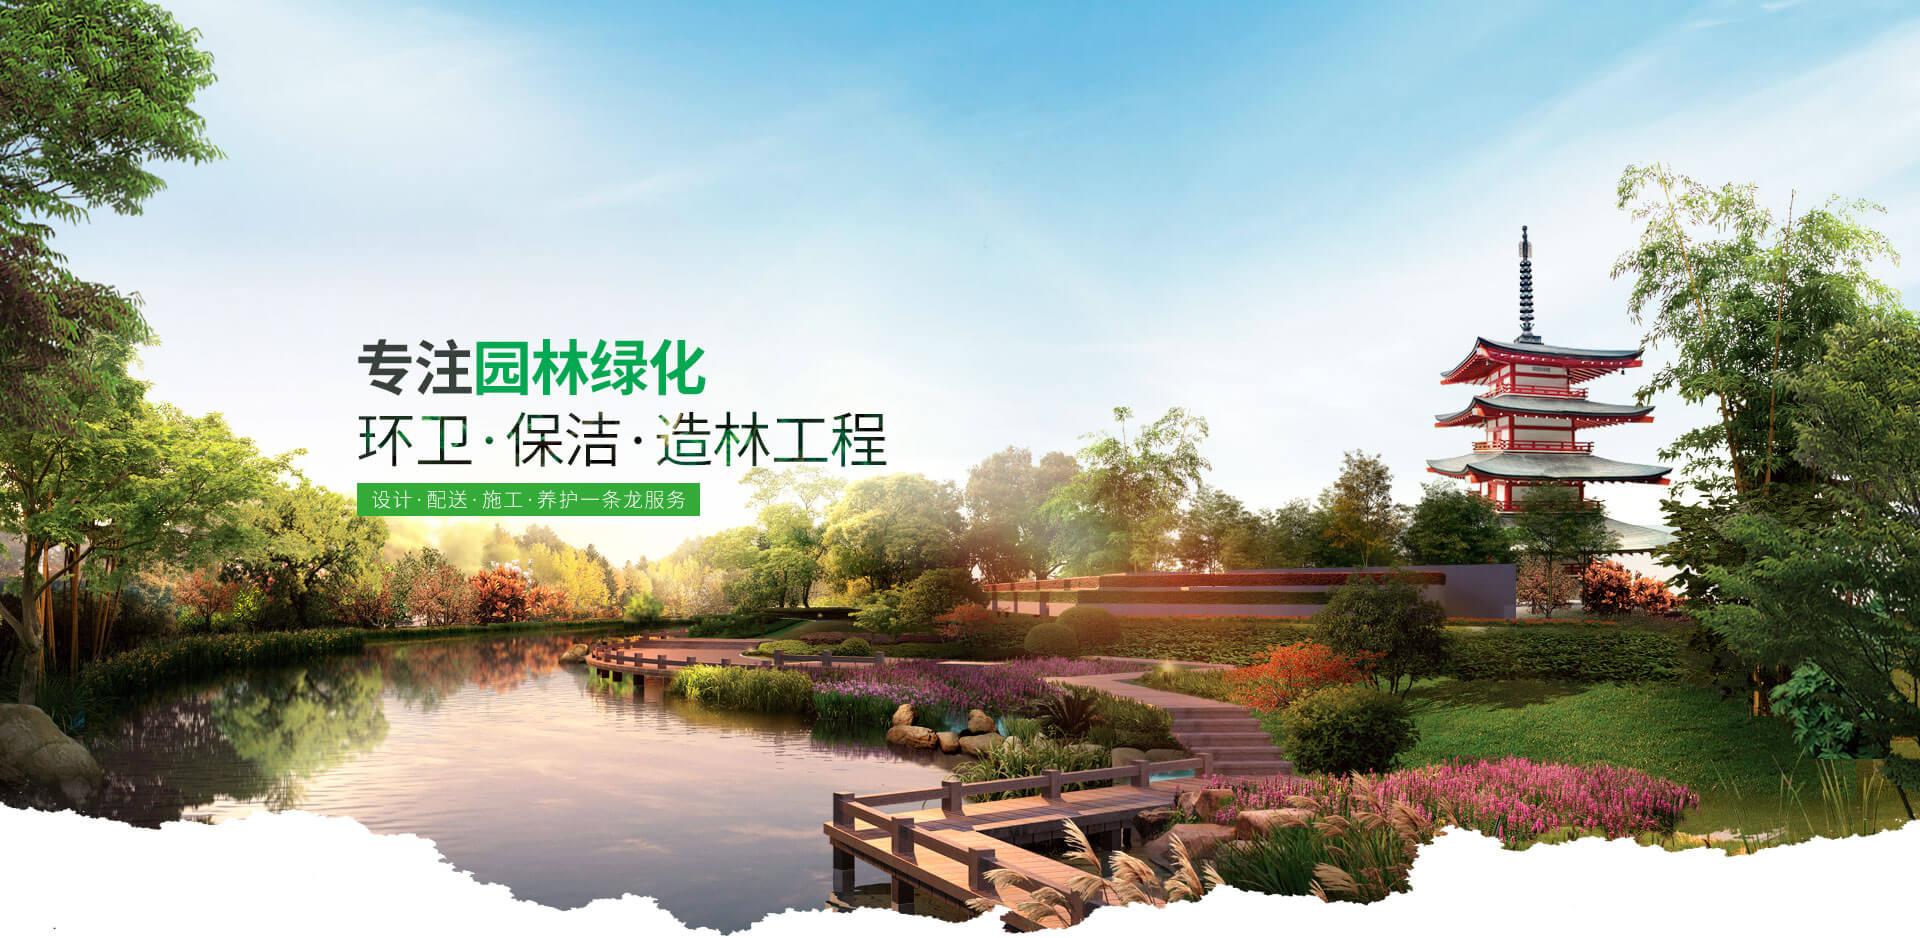 买球国际厅网站-專注園林綠化